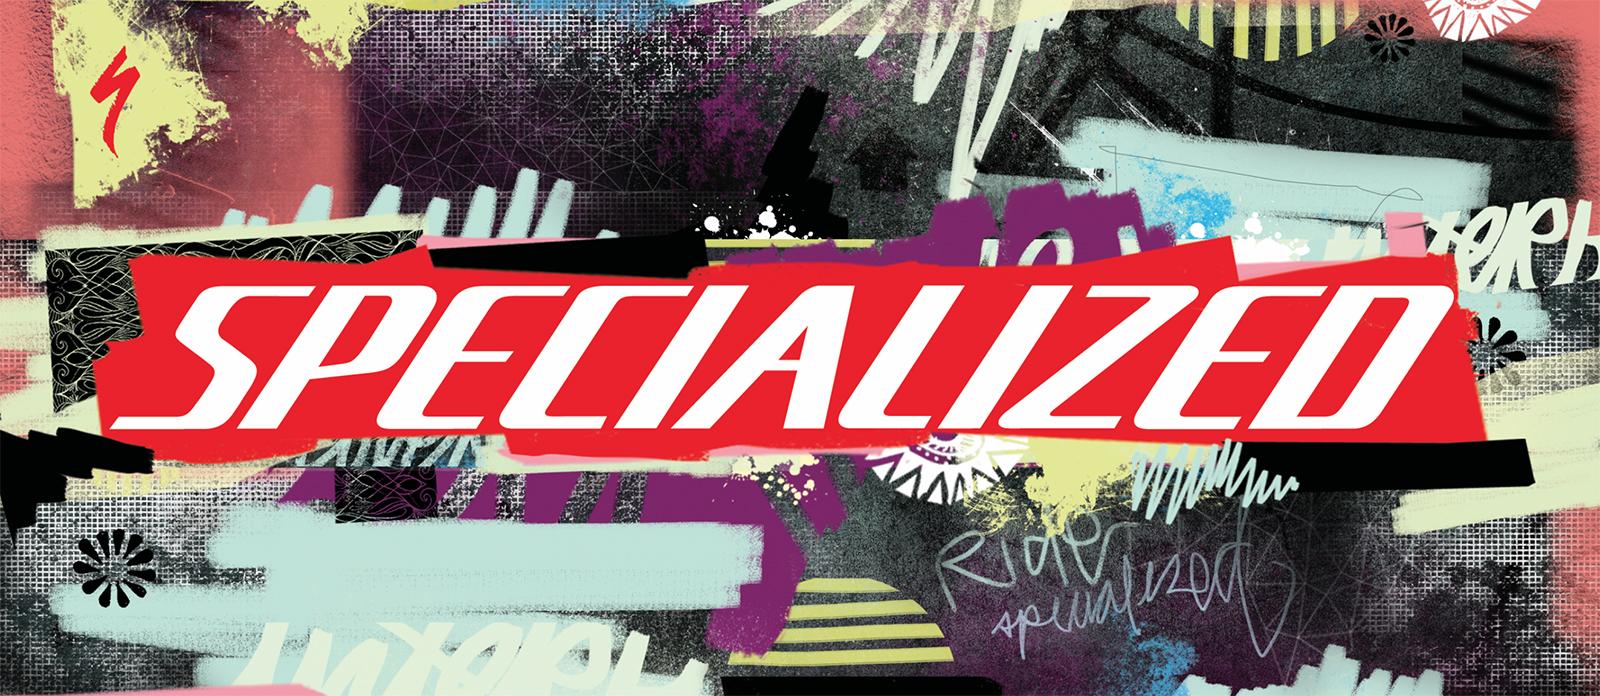 design_collage_speci banner.jpg